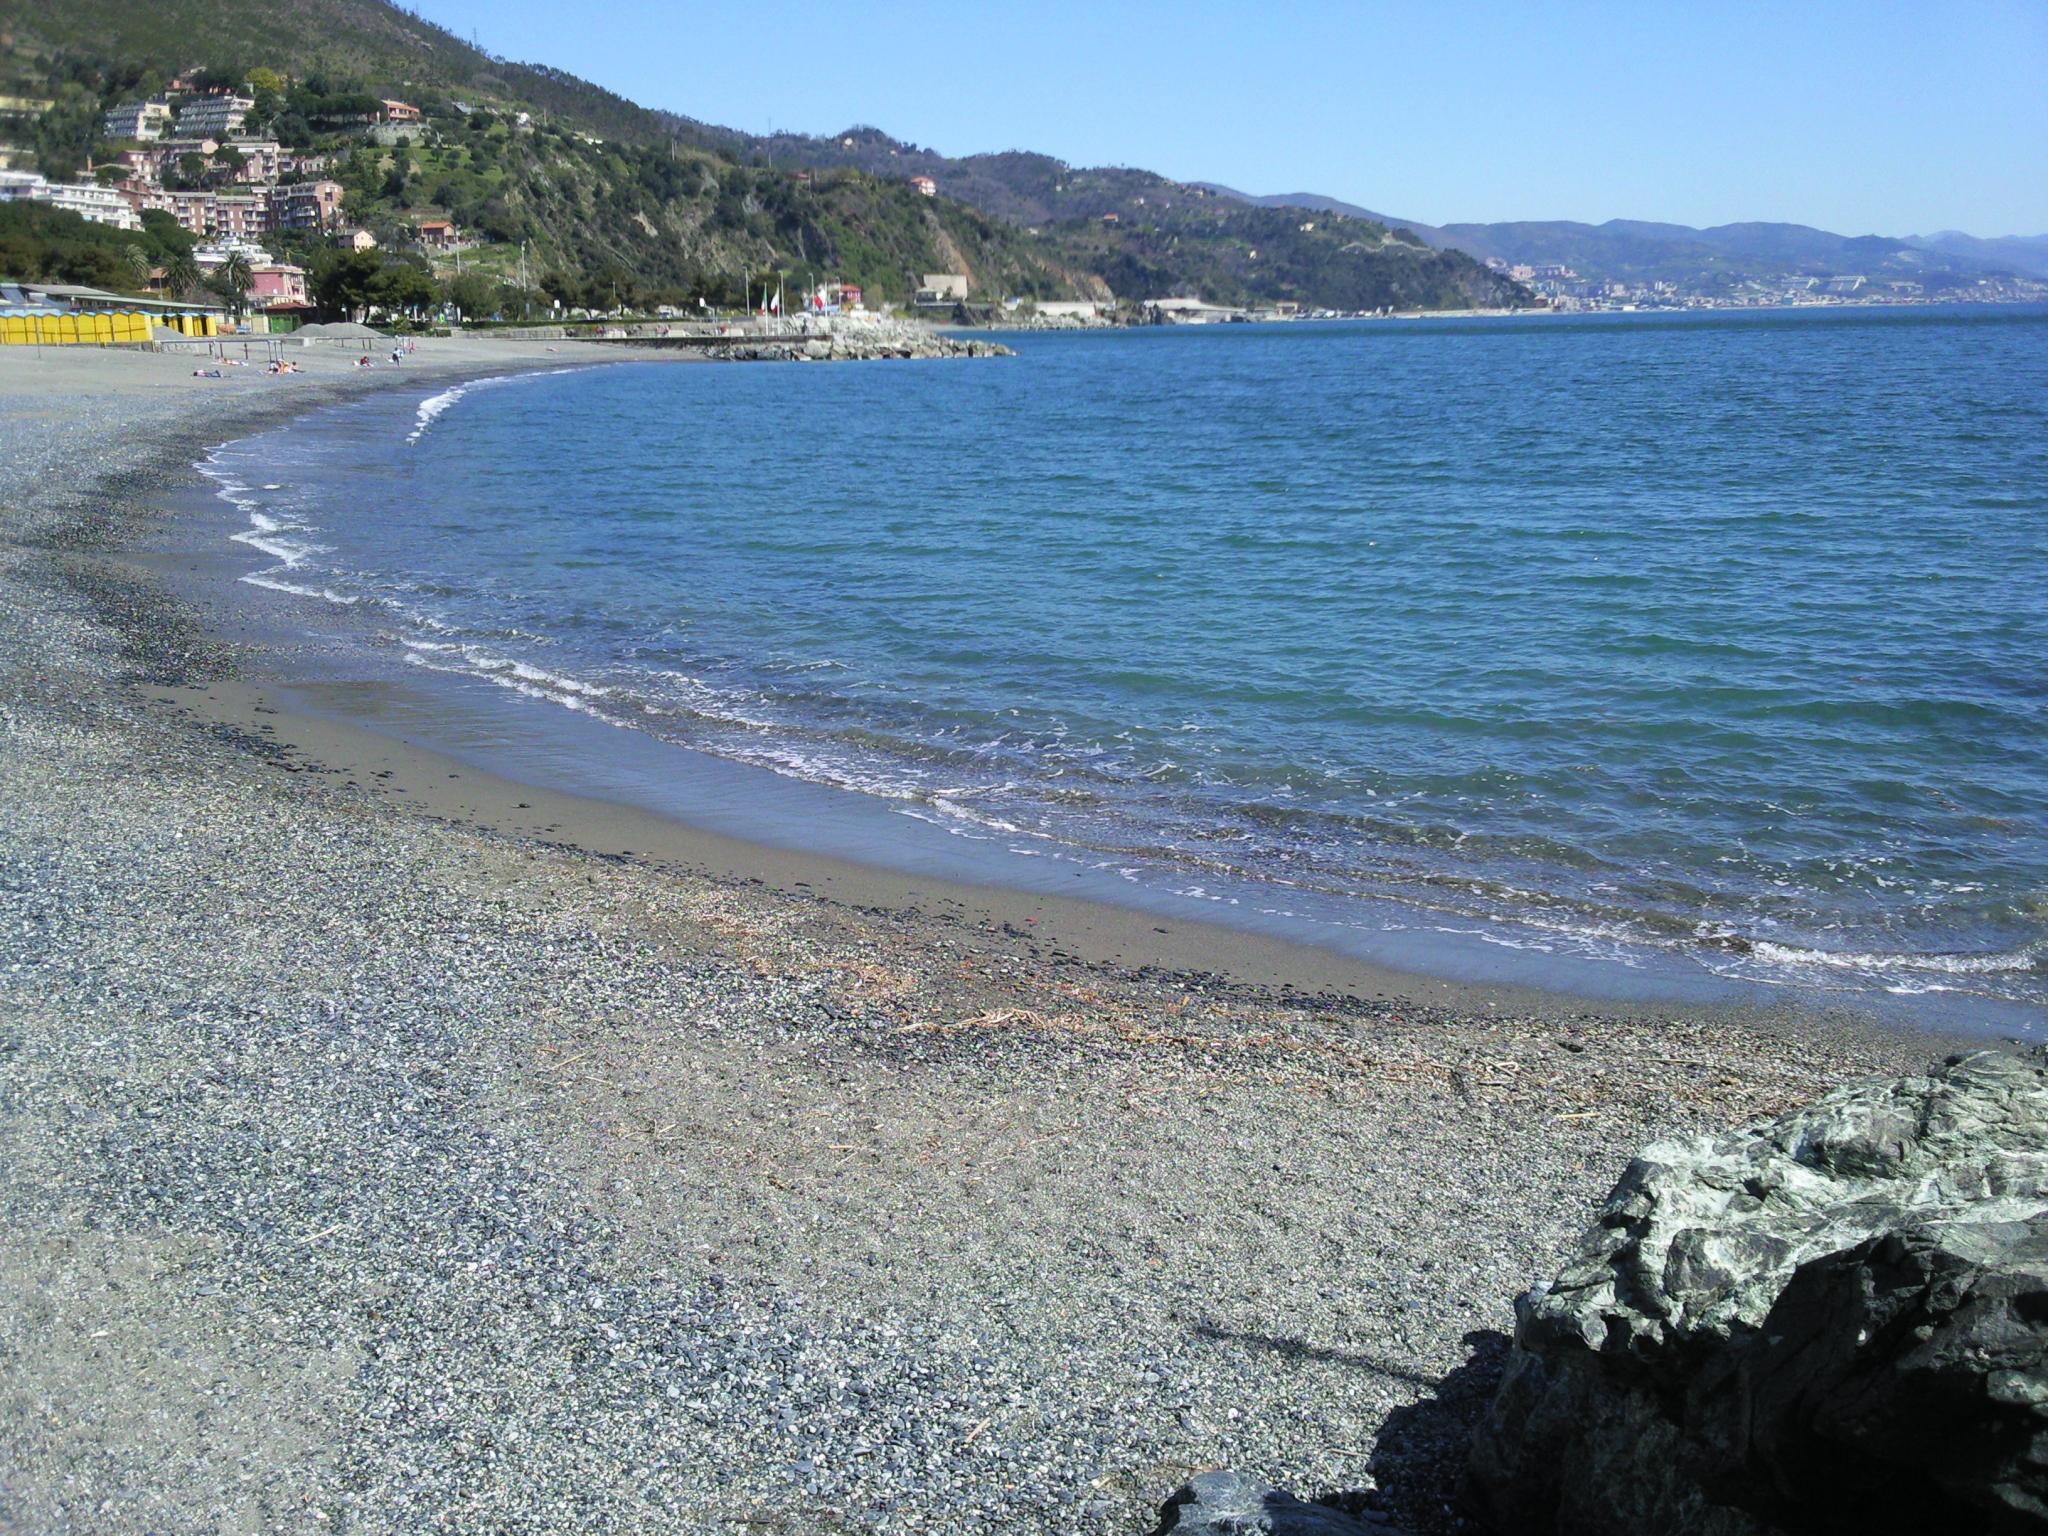 Lungomare di arenzano fuorigenova for Setacciavano la sabbia dei fiumi